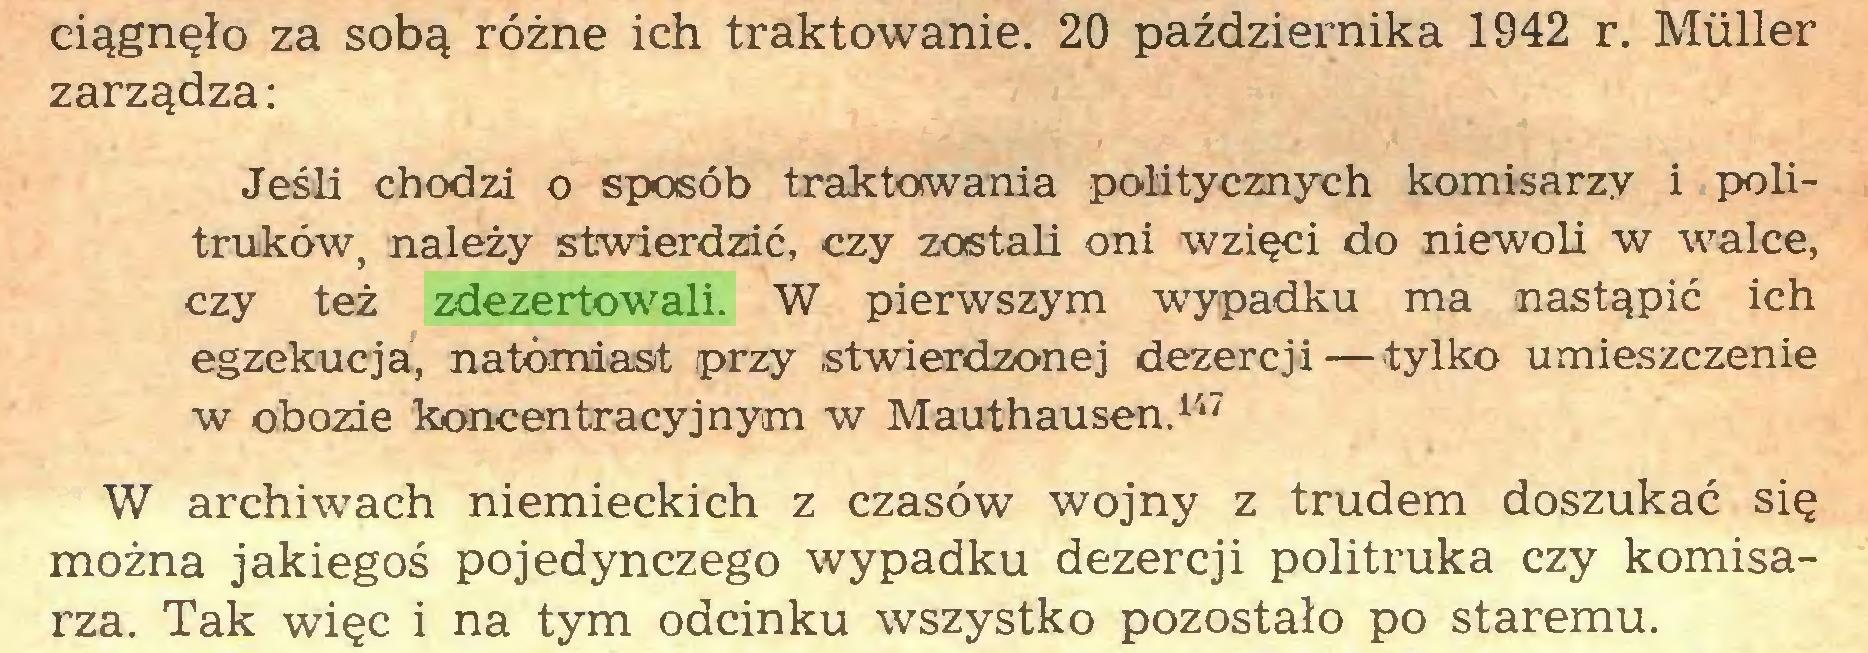 (...) ciągnęło za sobą różne ich traktowanie. 20 października 1942 r. Müller zarządza: Jeśli chodzi o sposób traktowania politycznych komisarzy i politruków, należy stwierdzić, czy zostali oni wzięci do niewoli w walce, czy też zdezertowali. W pierwszym wypadku ma nastąpić ich egzekucja, natomiast przy stwierdzonej dezercji — tylko umieszczenie w obozie koncentracyjnym w Mauthausen.147 W archiwach niemieckich z czasów wojny z trudem doszukać się można jakiegoś pojedynczego wypadku dezercji politruka czy komisarza. Tak więc i na tym odcinku wszystko pozostało po staremu...